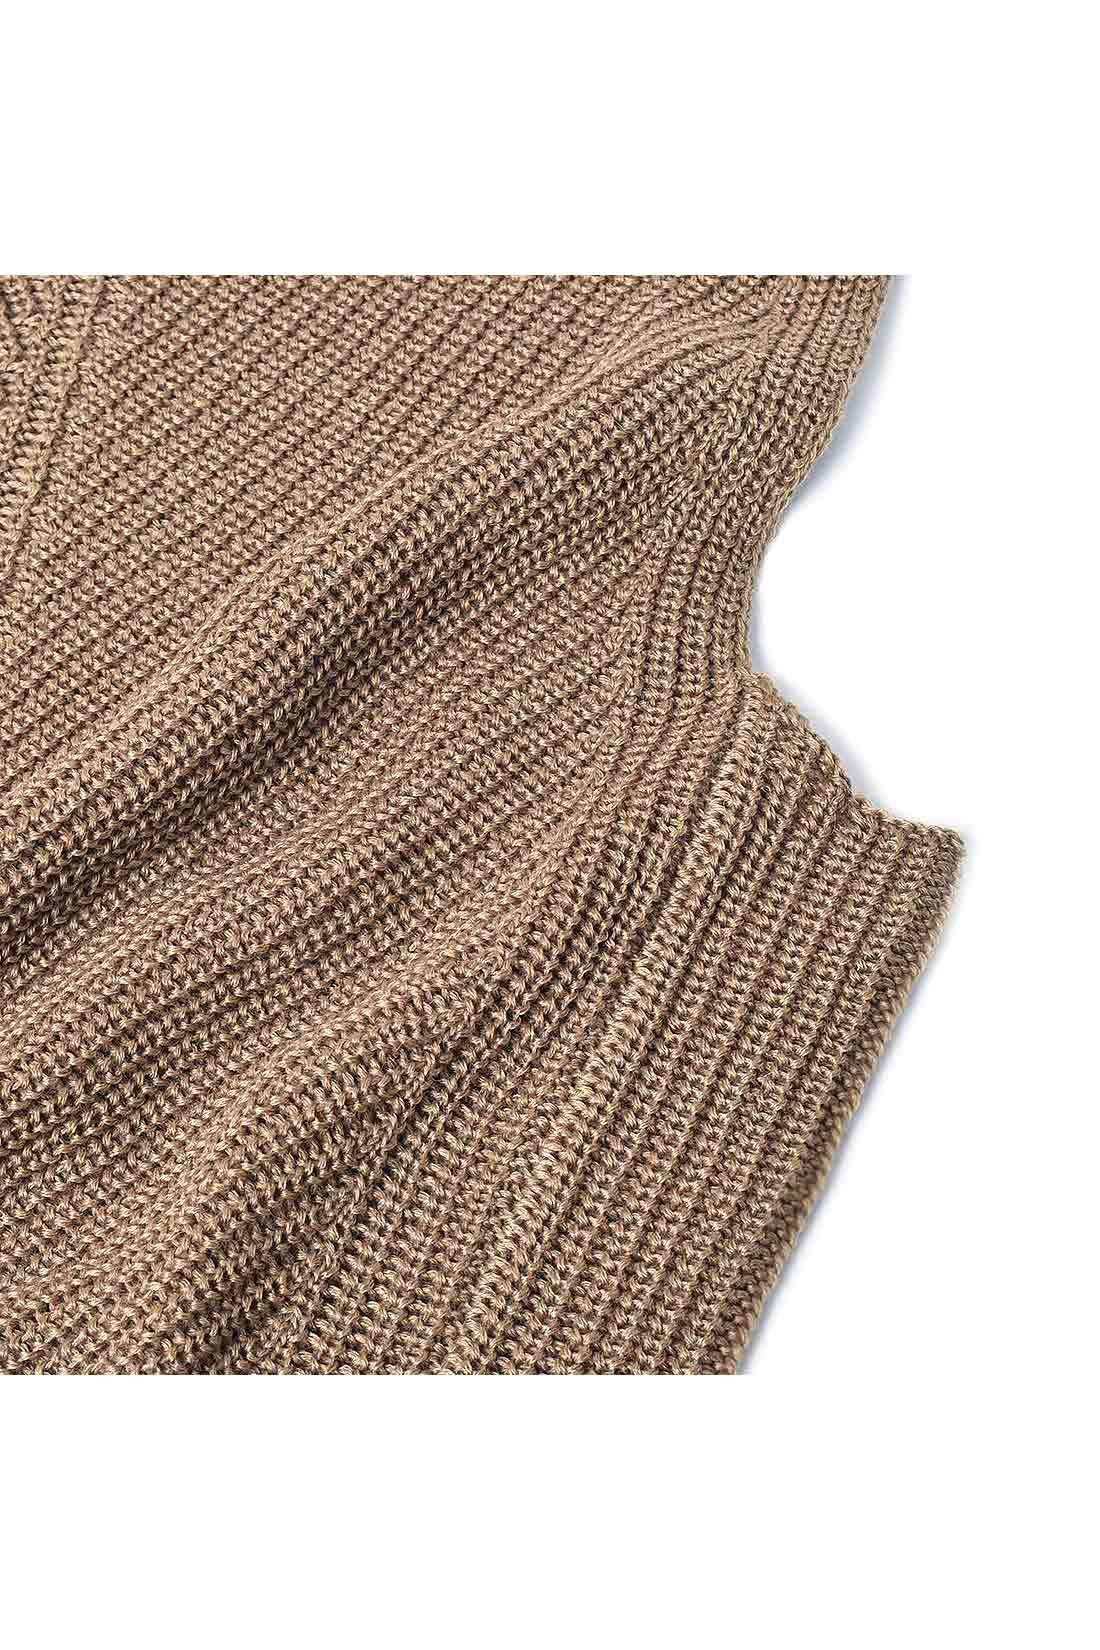 ウール混のふっくら暖かな素材 しっかりと厚みのあるウール混のニット。フロントのV字の編み地とサイドの縦長を強調するIラインのリブが細見せをかなえます。